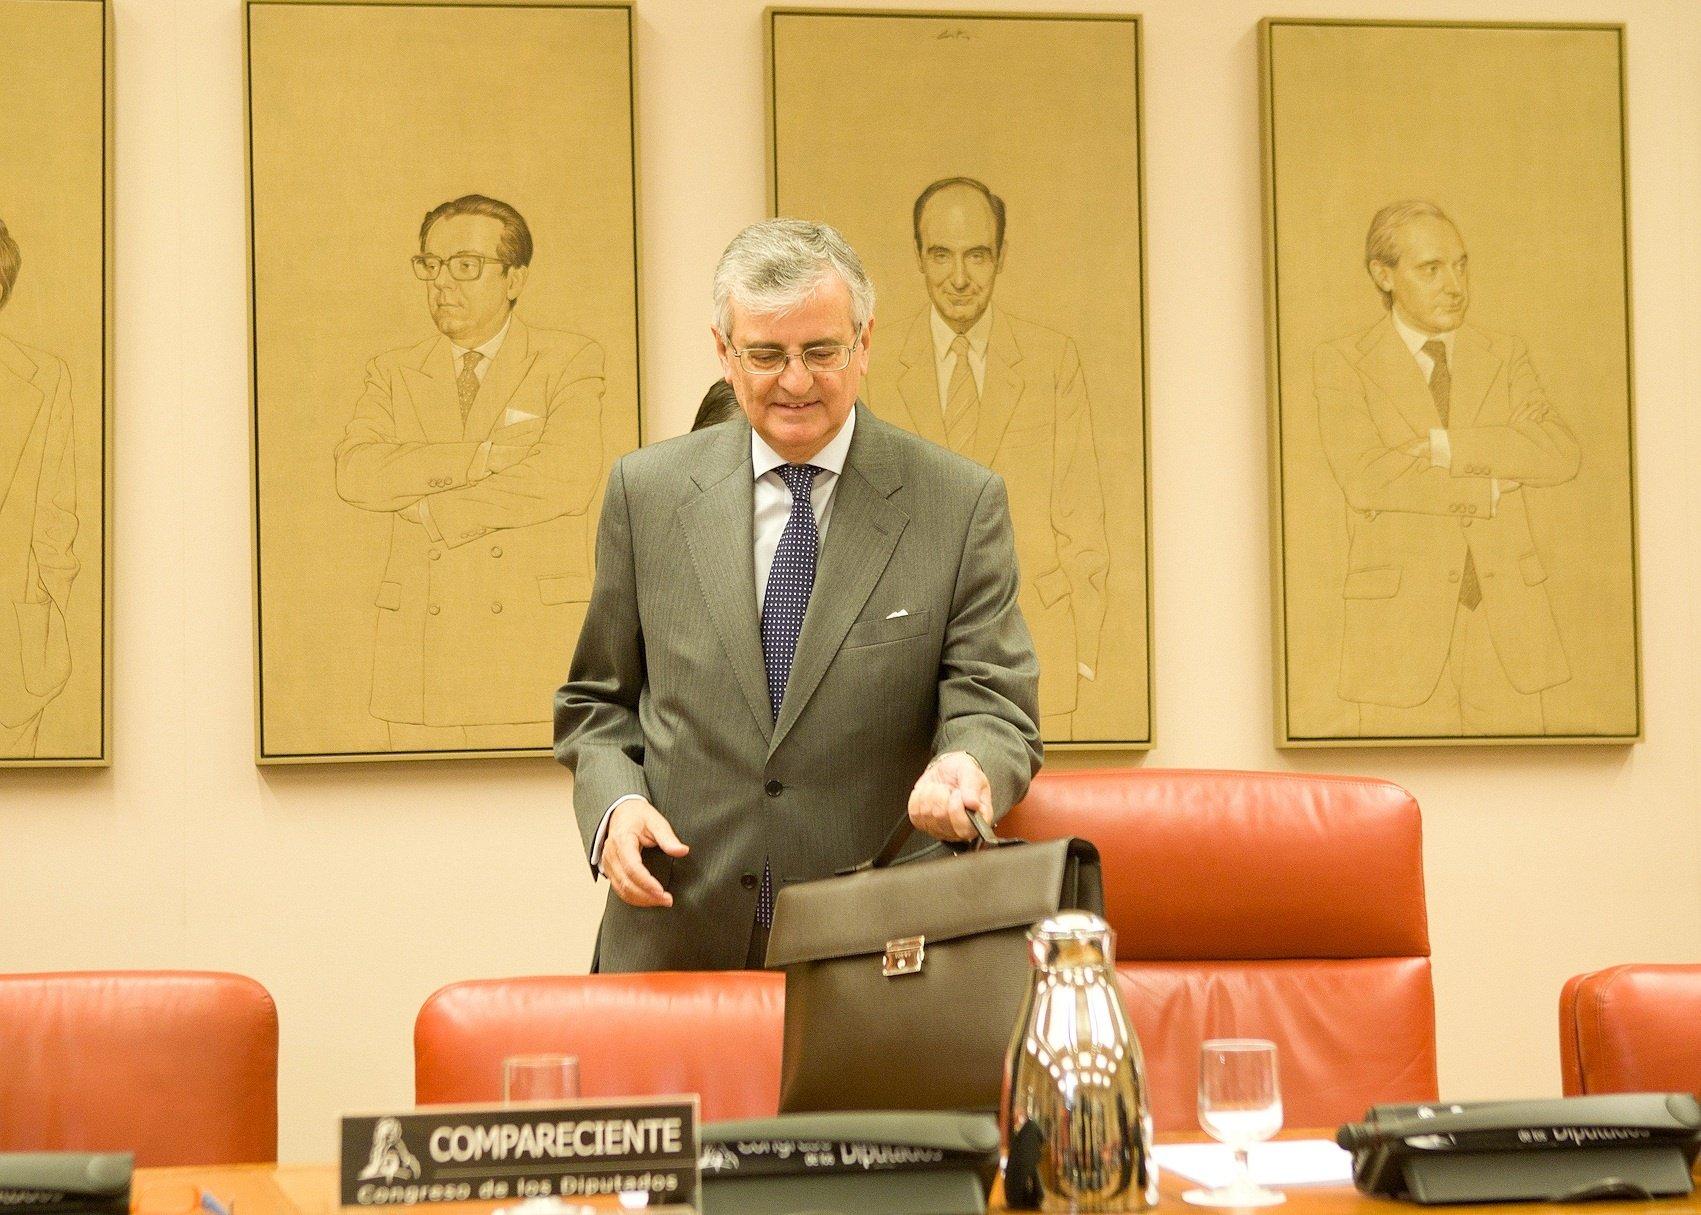 El Gobierno nombra fiscal general a Torres-Dulce, que tomará posesión de su cargo el lunes en el Supremo